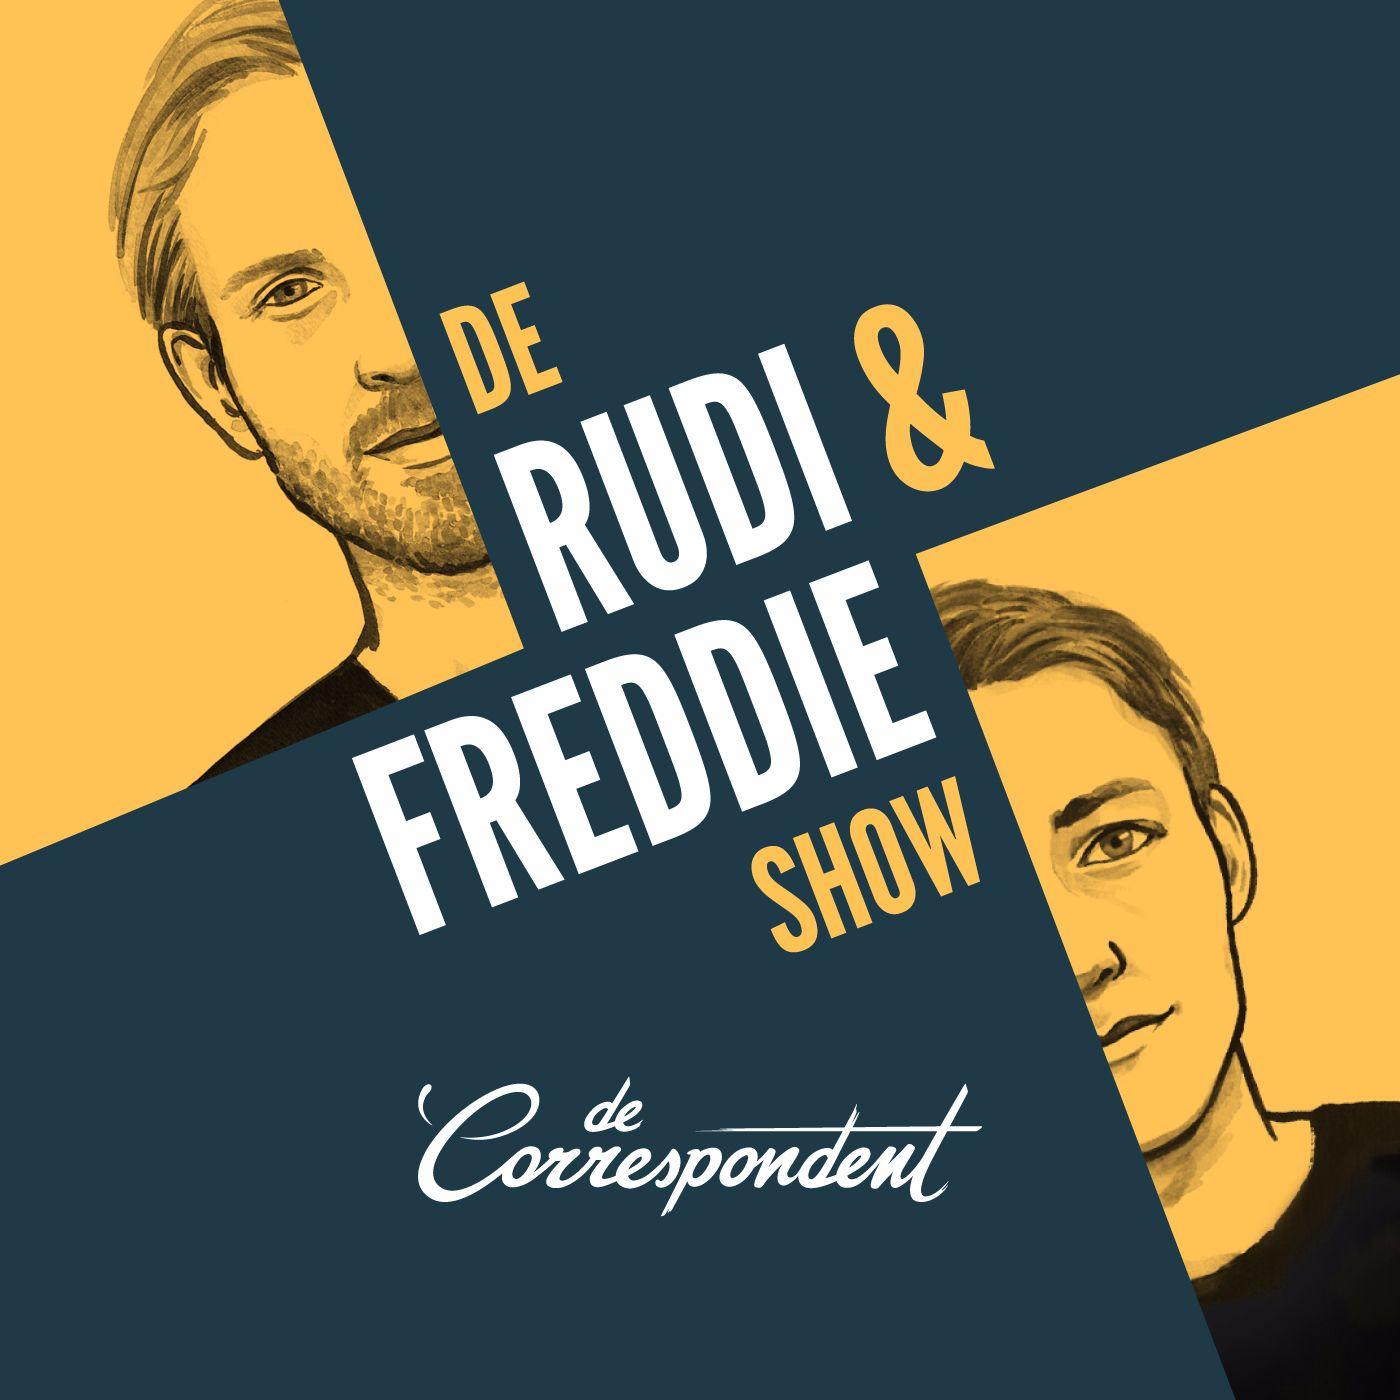 7. De Rudi & Freddie Show - De Correspondent